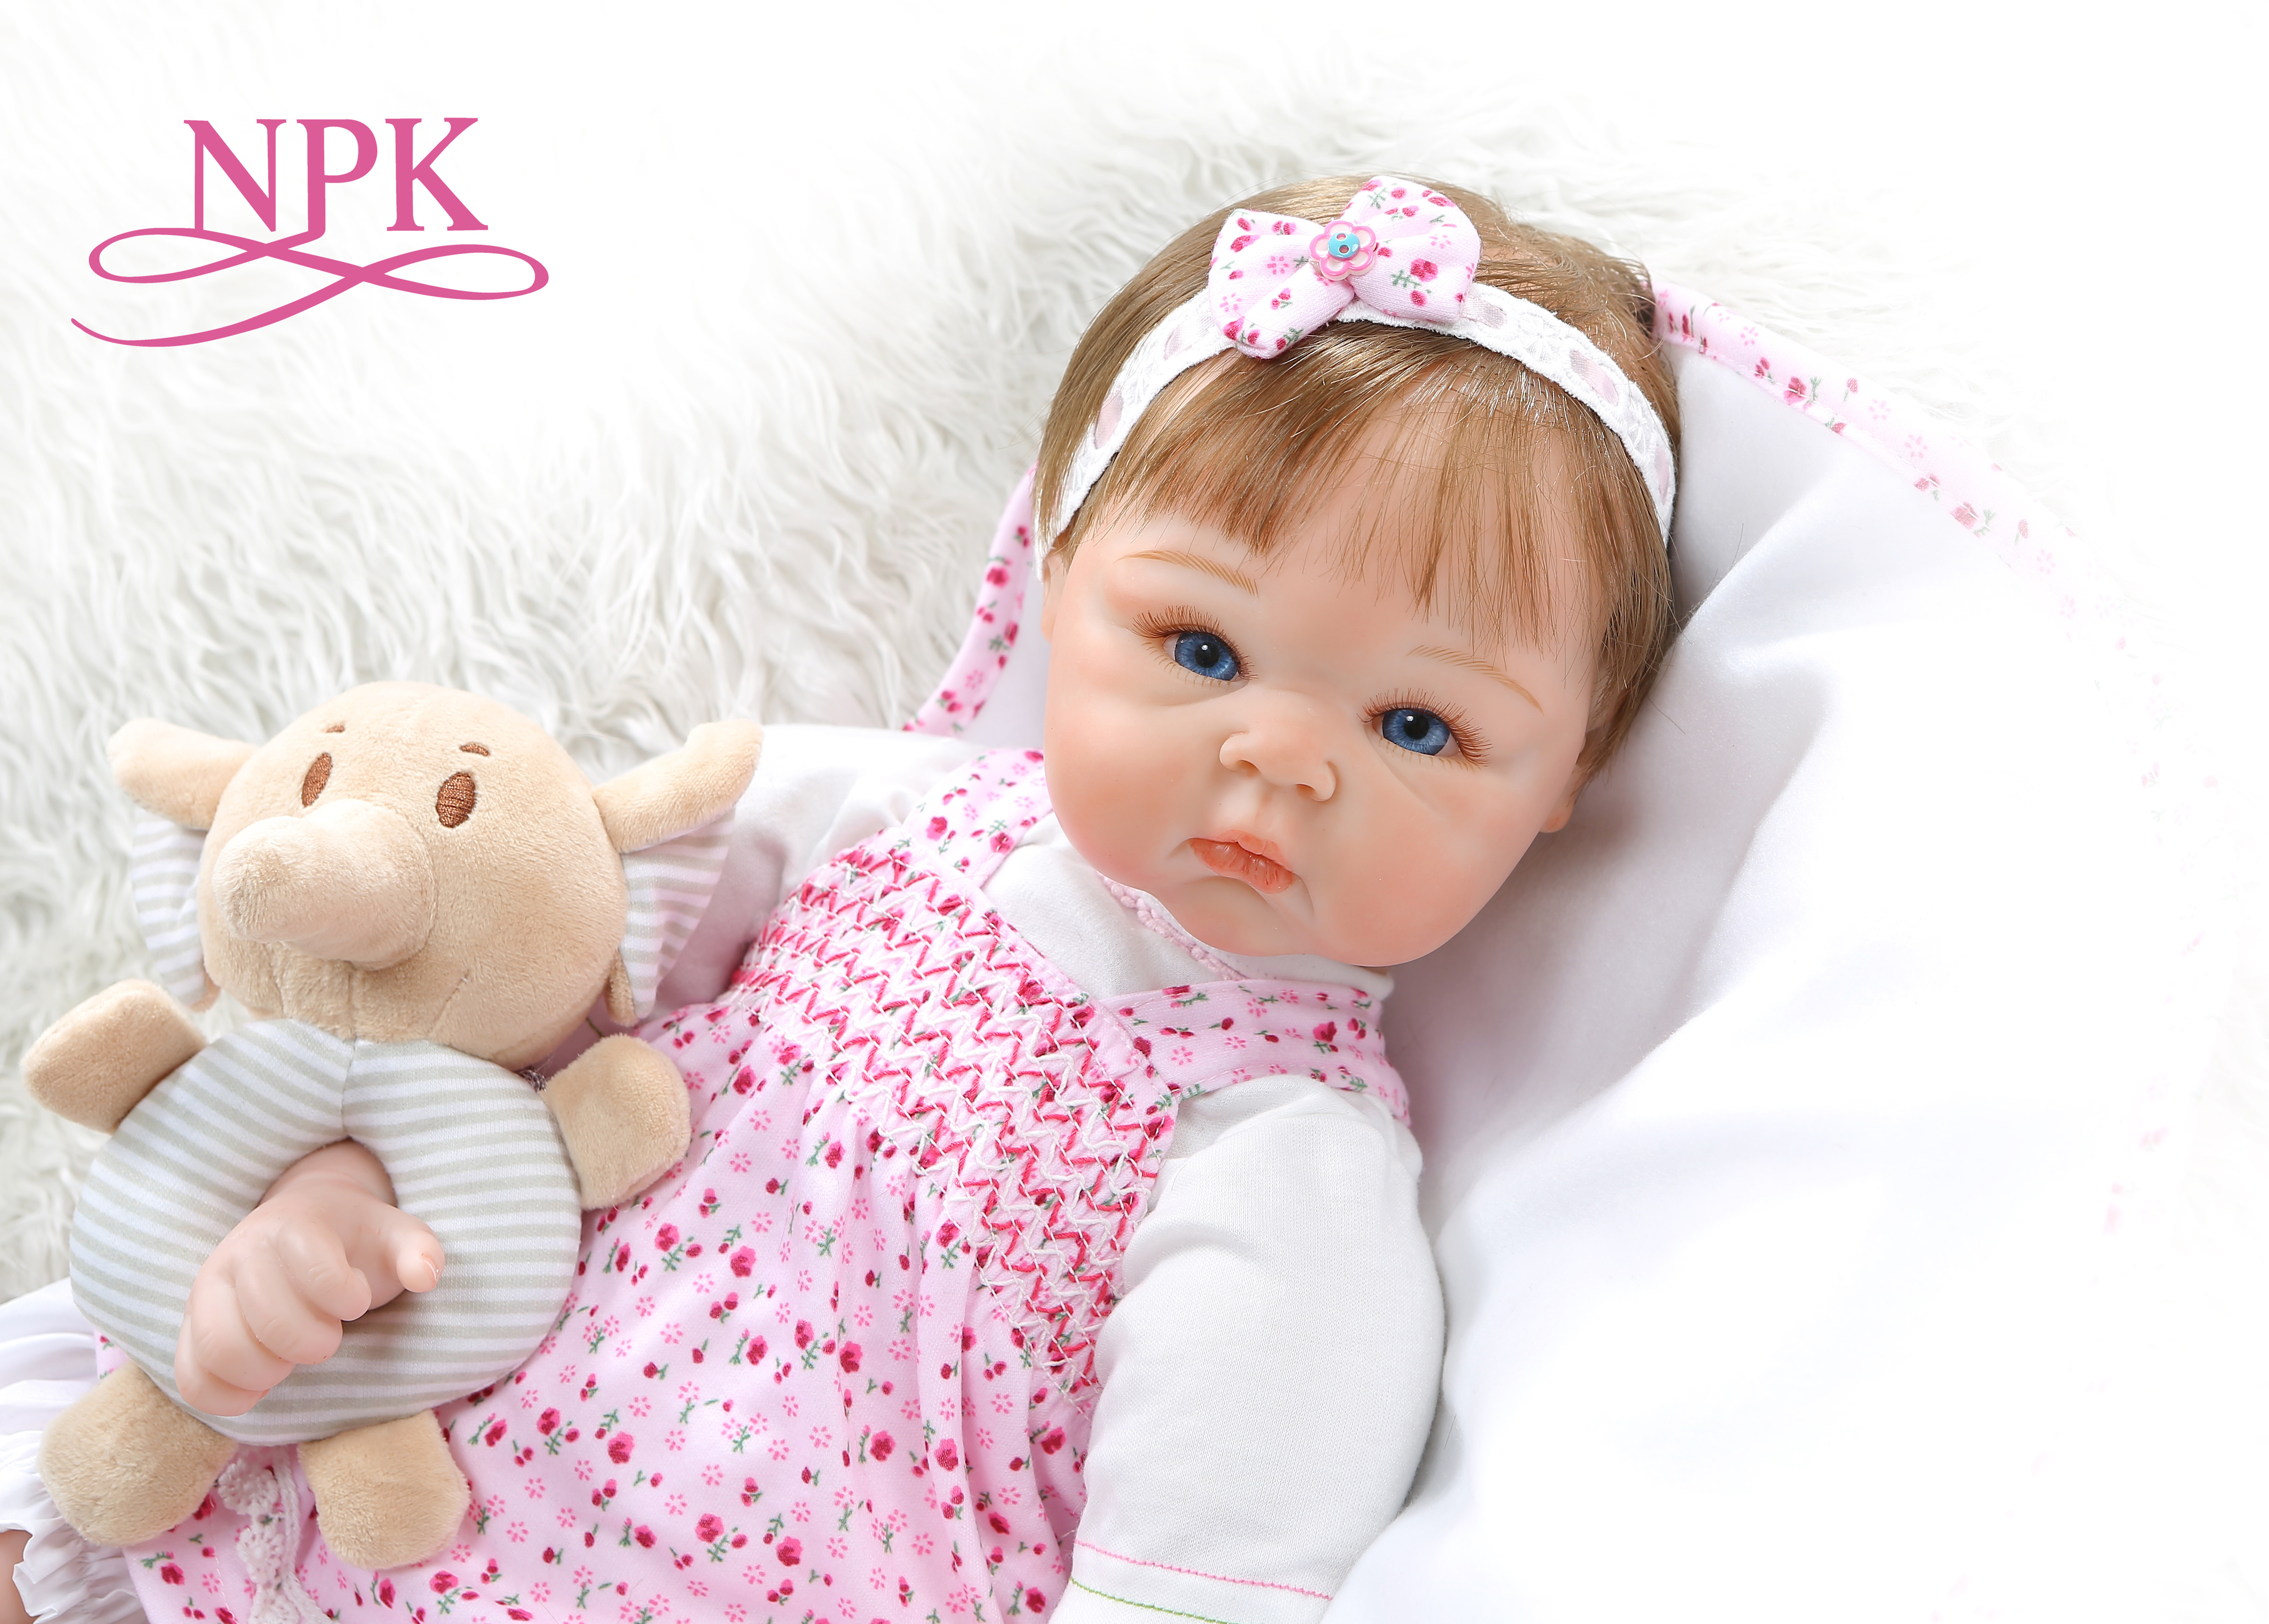 NPK 55 CM 0 3Month prawdziwe dziecko bebe realistyczny reborn baby doll realistyczne miękkie silikonowe baby girl doll ważone ciała zakorzenione do włosów w Lalki od Zabawki i hobby na  Grupa 1